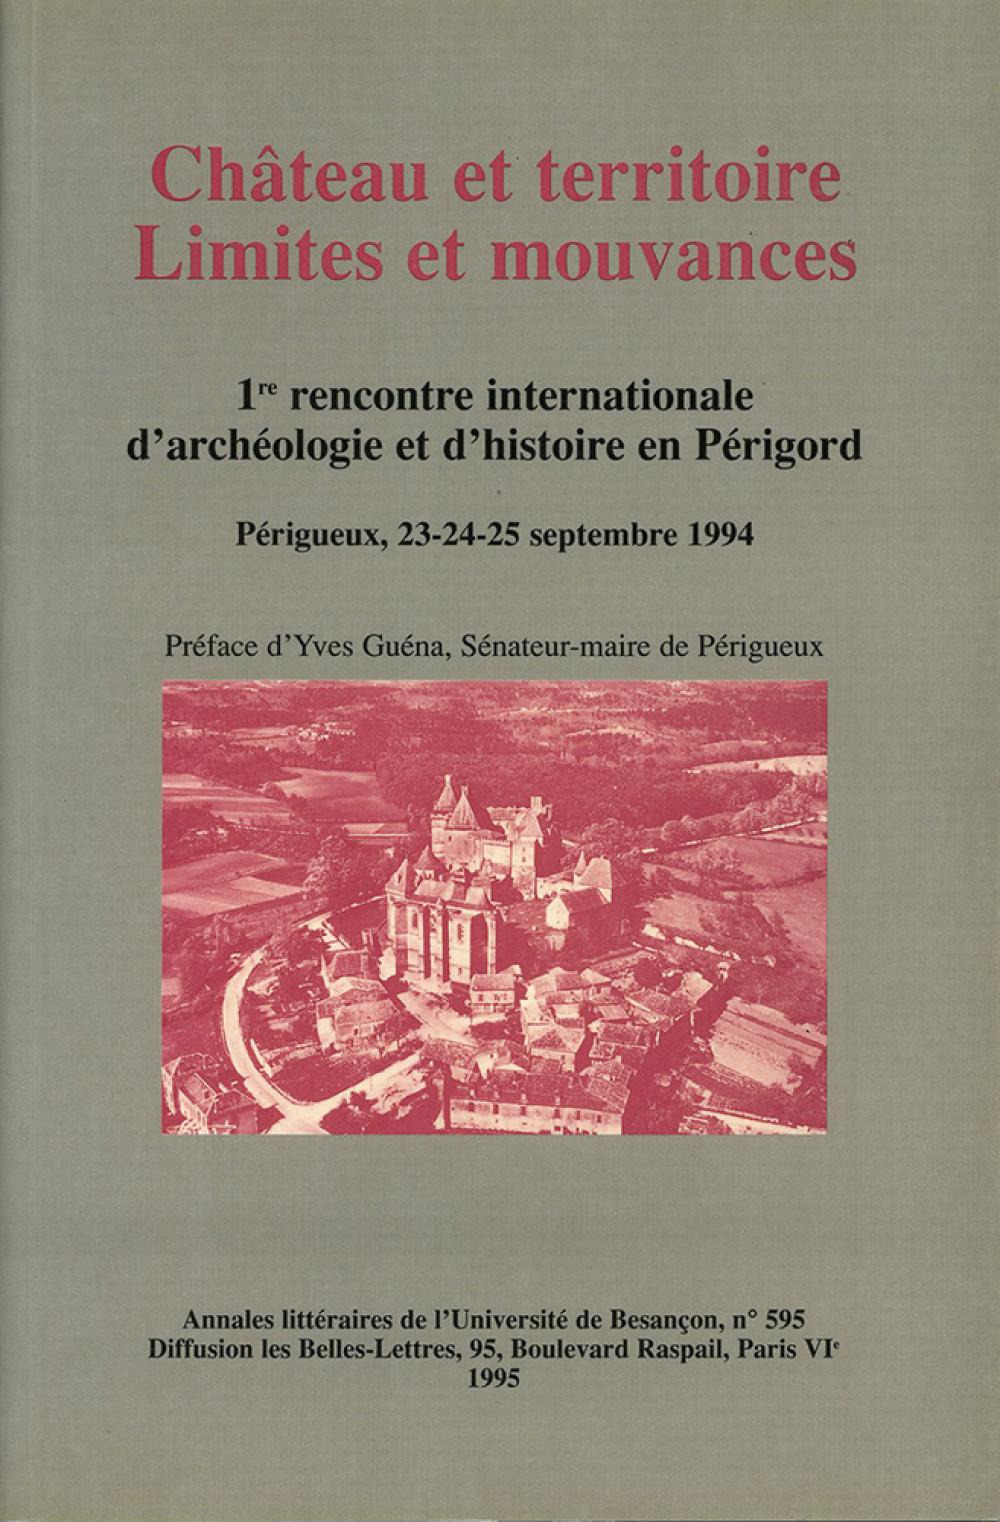 Château et territoire. Limites et mouvances